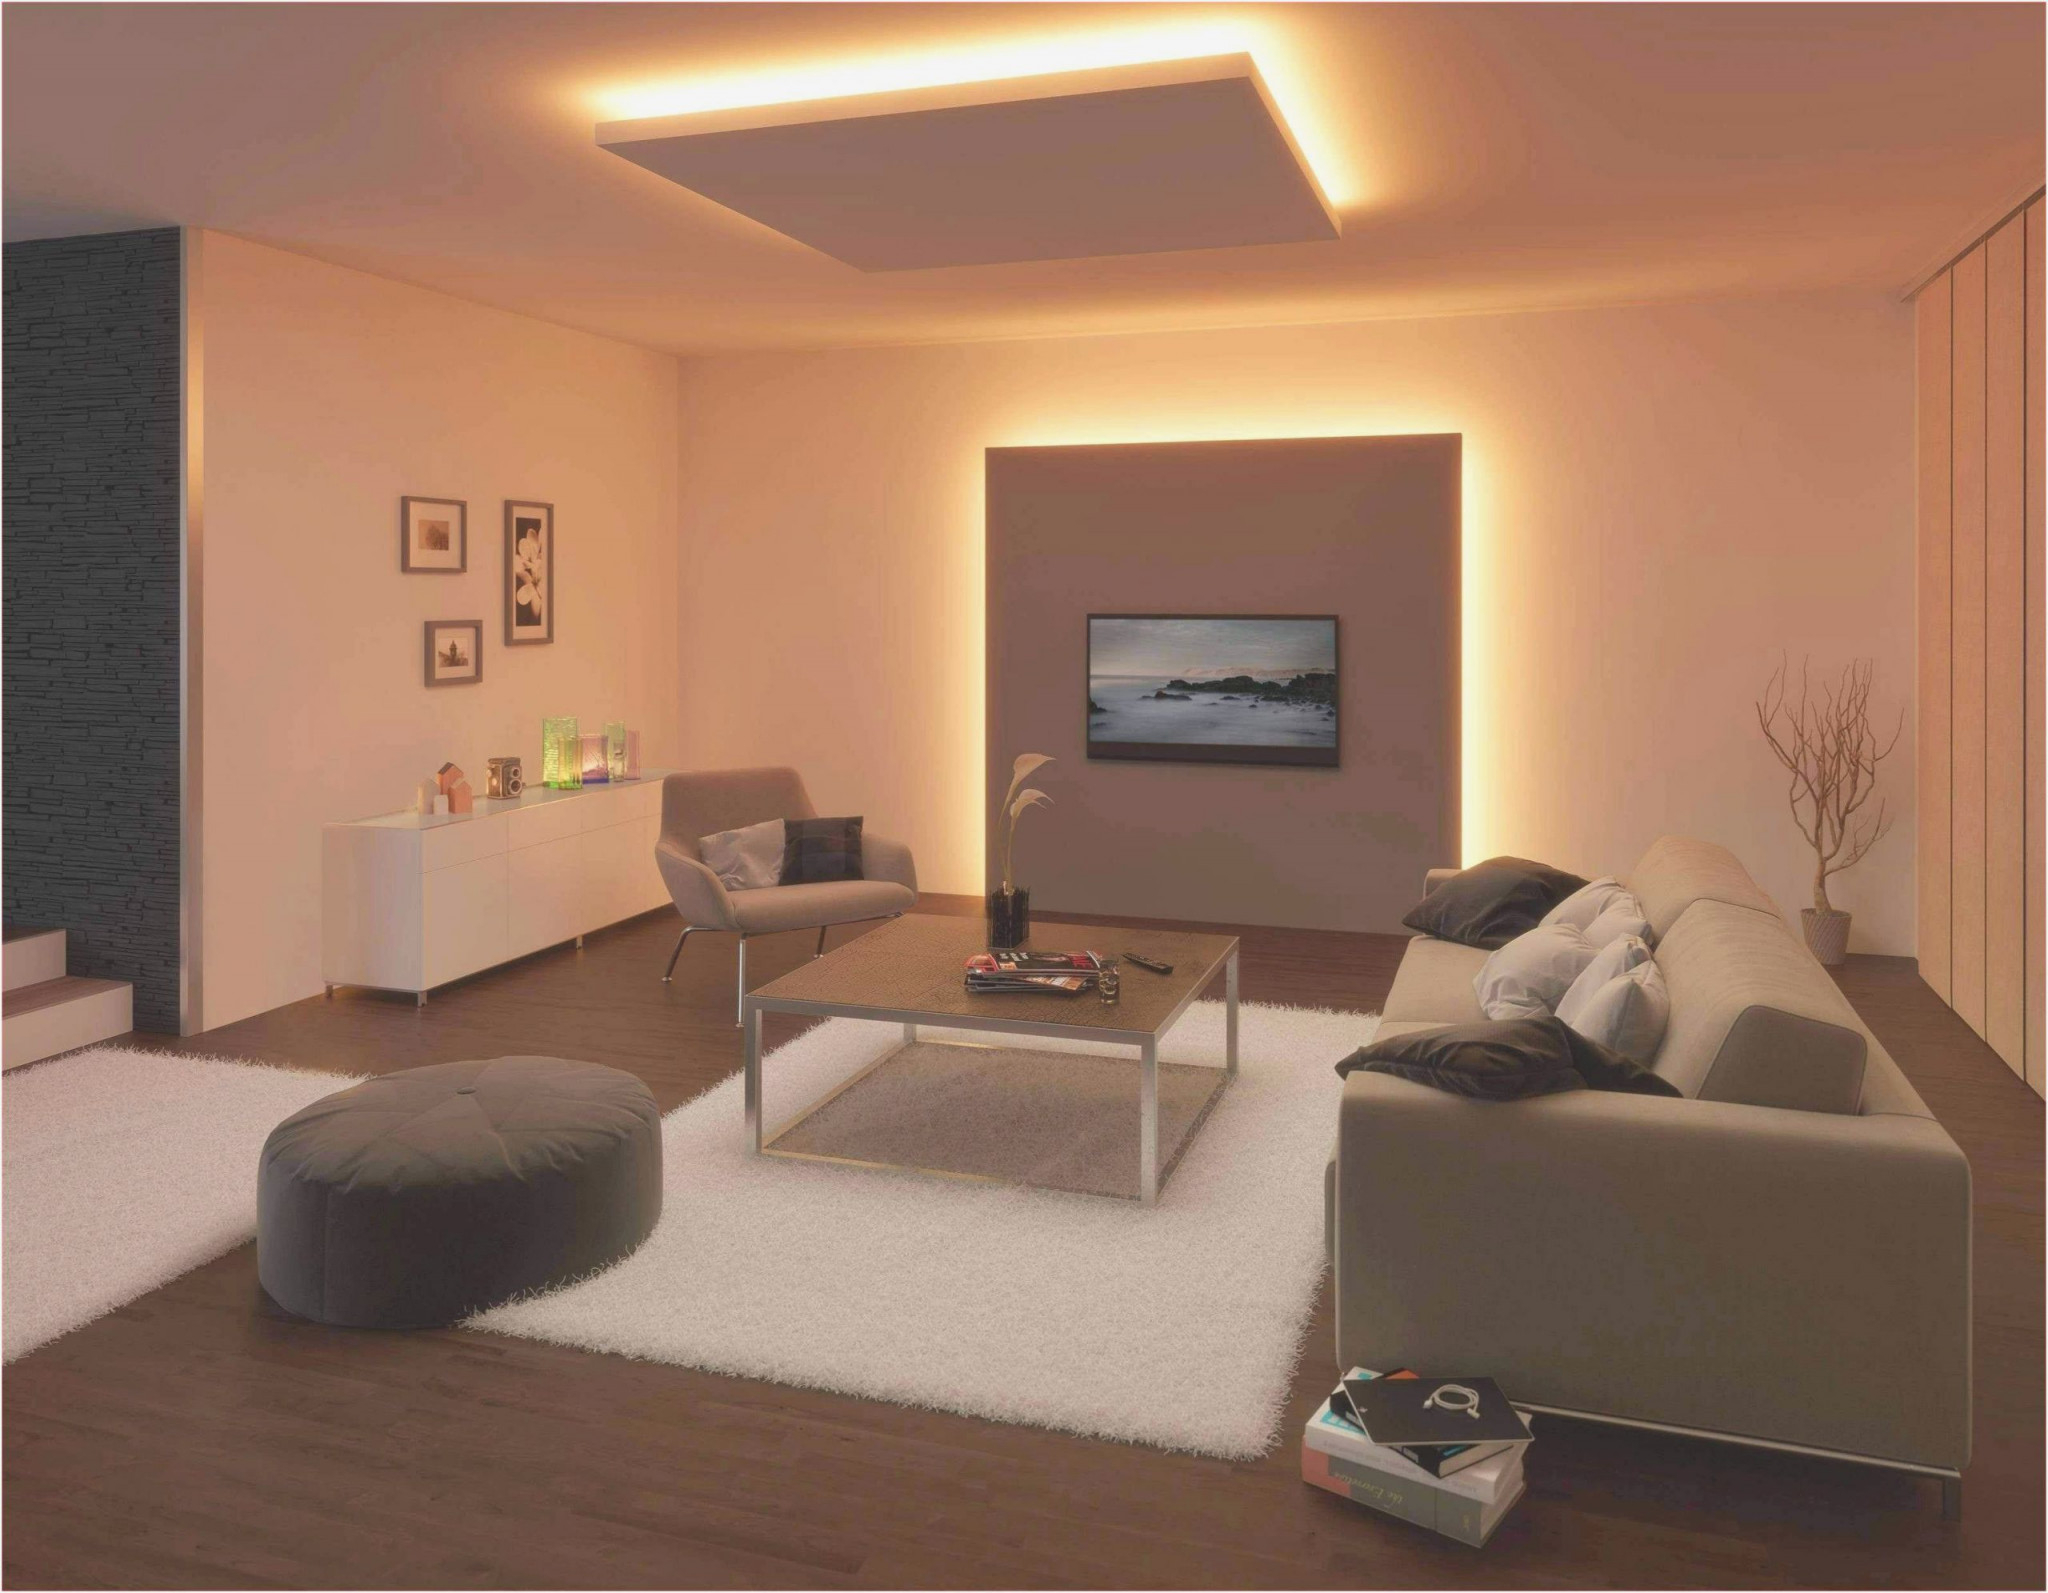 Ideen Zur Wohnzimmer Deckengestaltung  Wohnzimmer von Deckengestaltung Wohnzimmer Ideen Bild